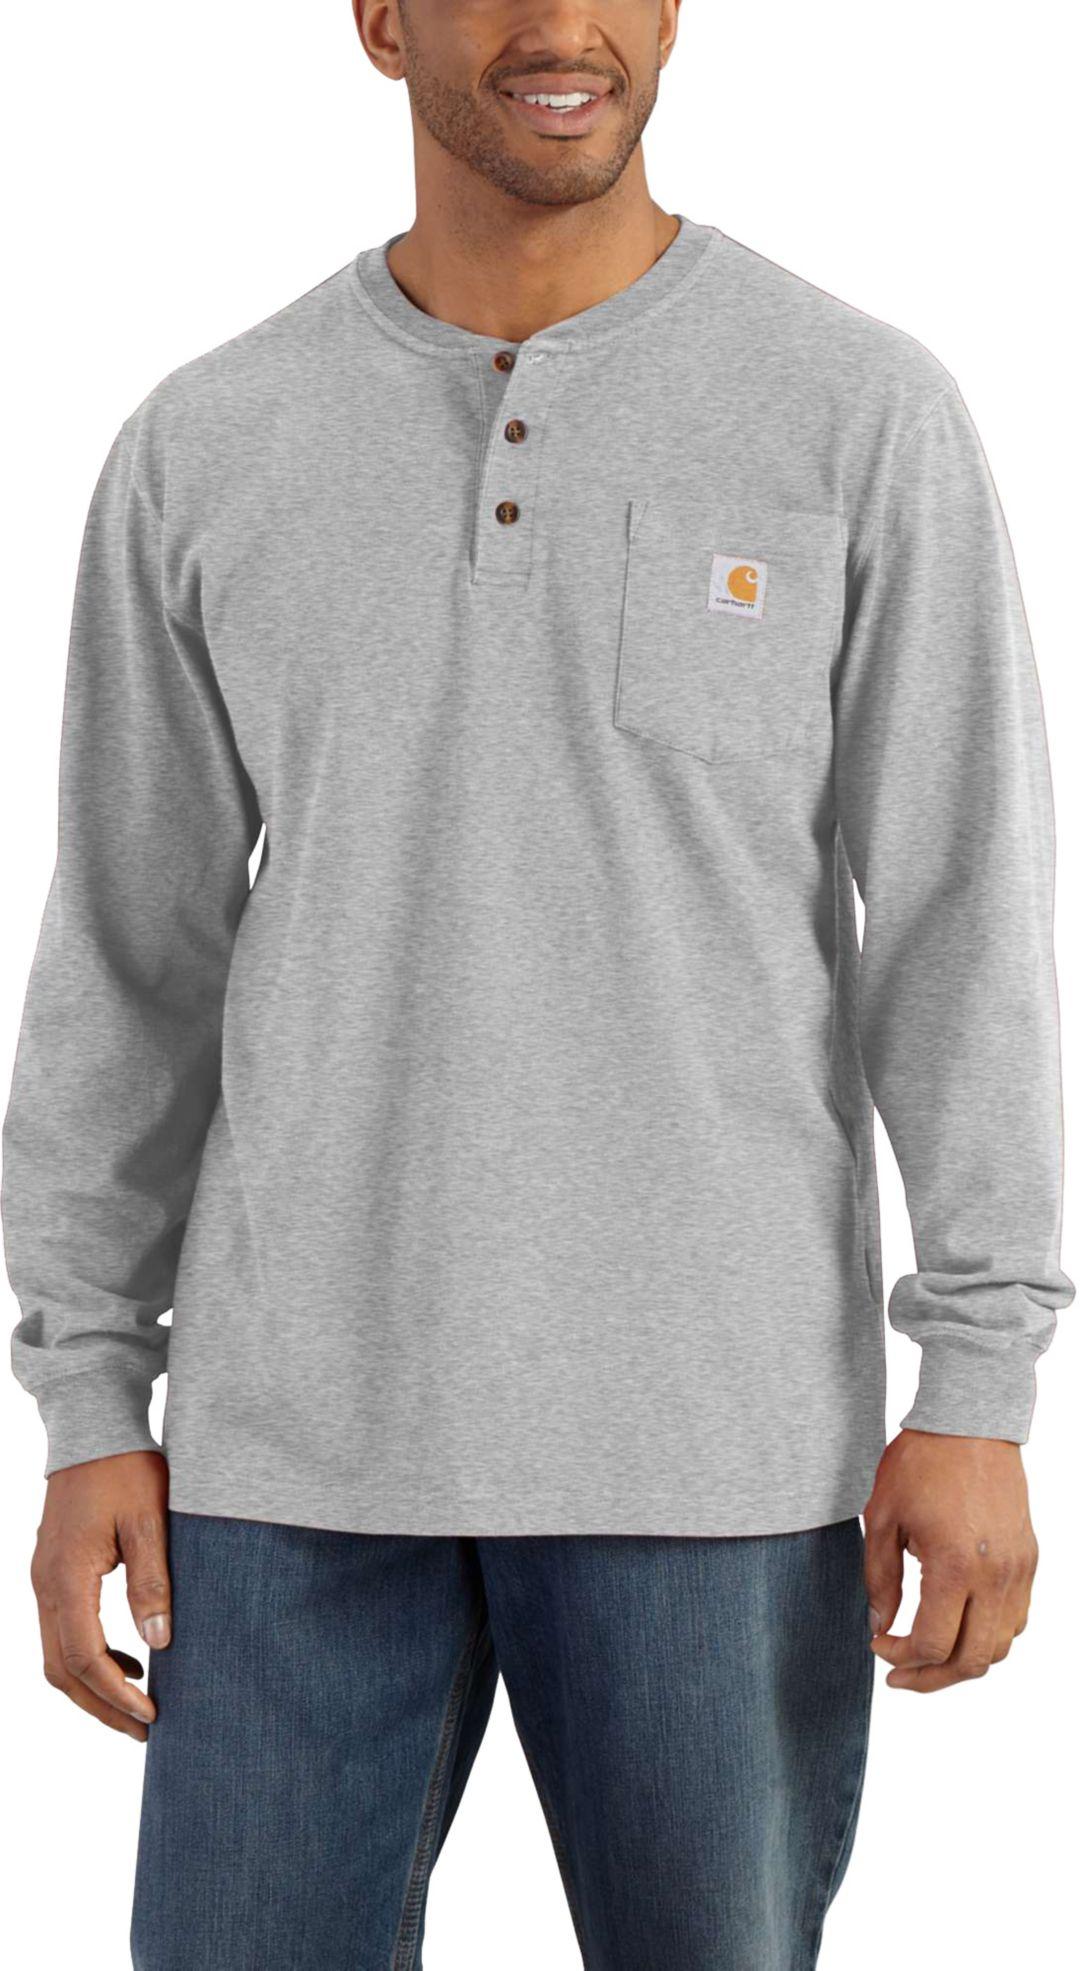 de0e85c2 Carhartt Men's Workwear Henley Shirt | Field & Stream